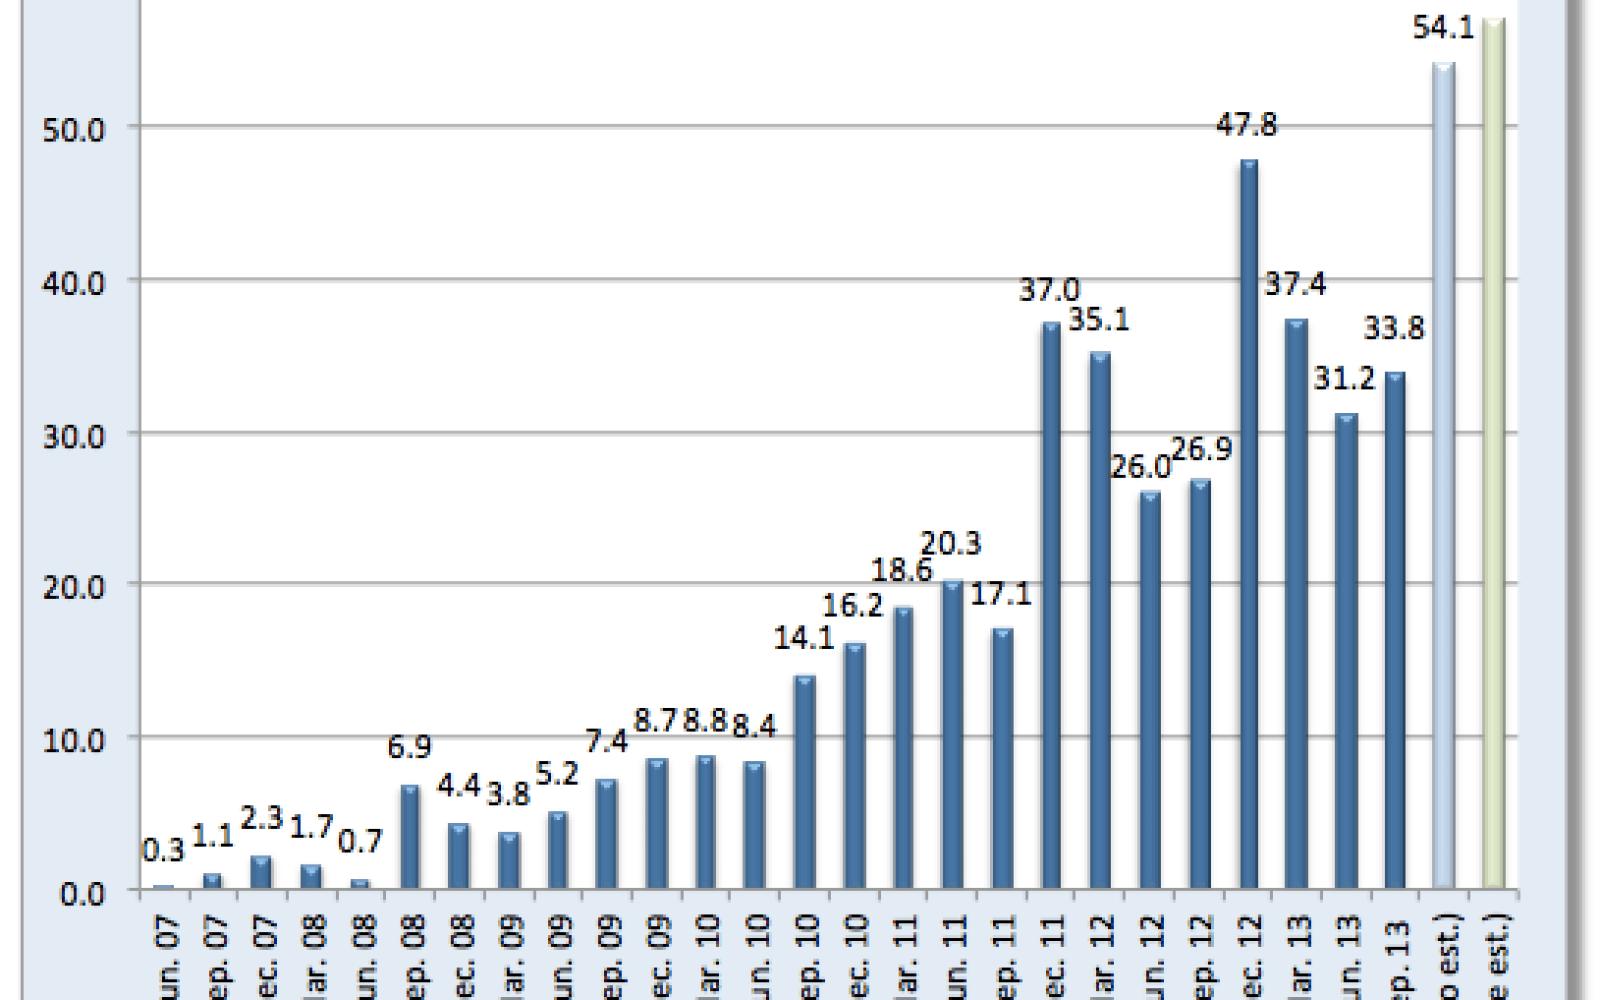 Analysts estimate Apple sold 55.3M iPhones last quarter, up 16 percent